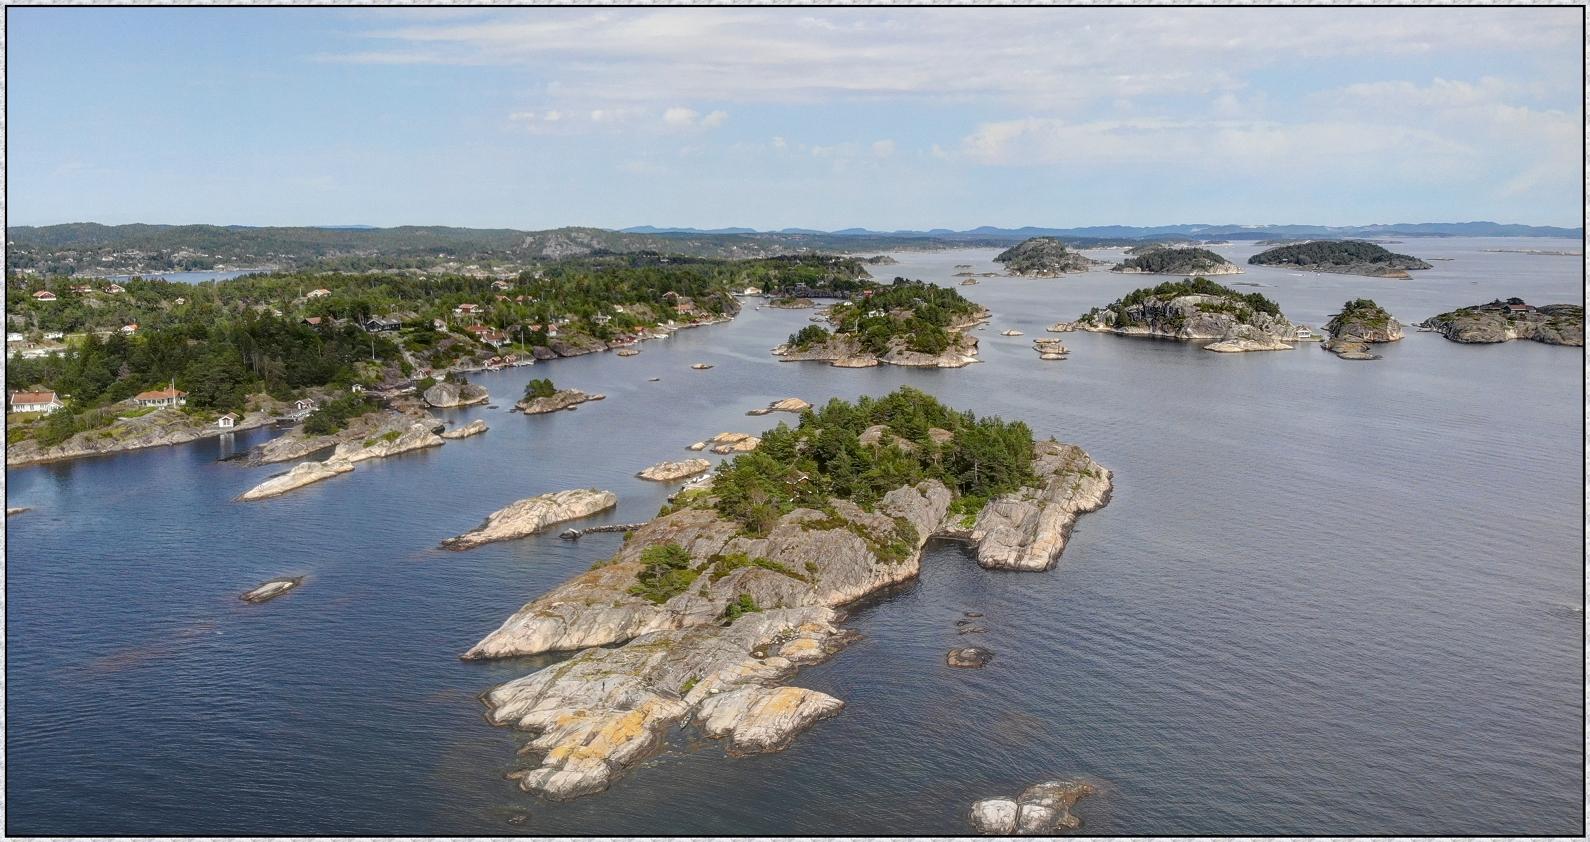 Südnorwegen Skagerrak Feeling beim Kjønnøya Camping ; Norwegenreise 2019